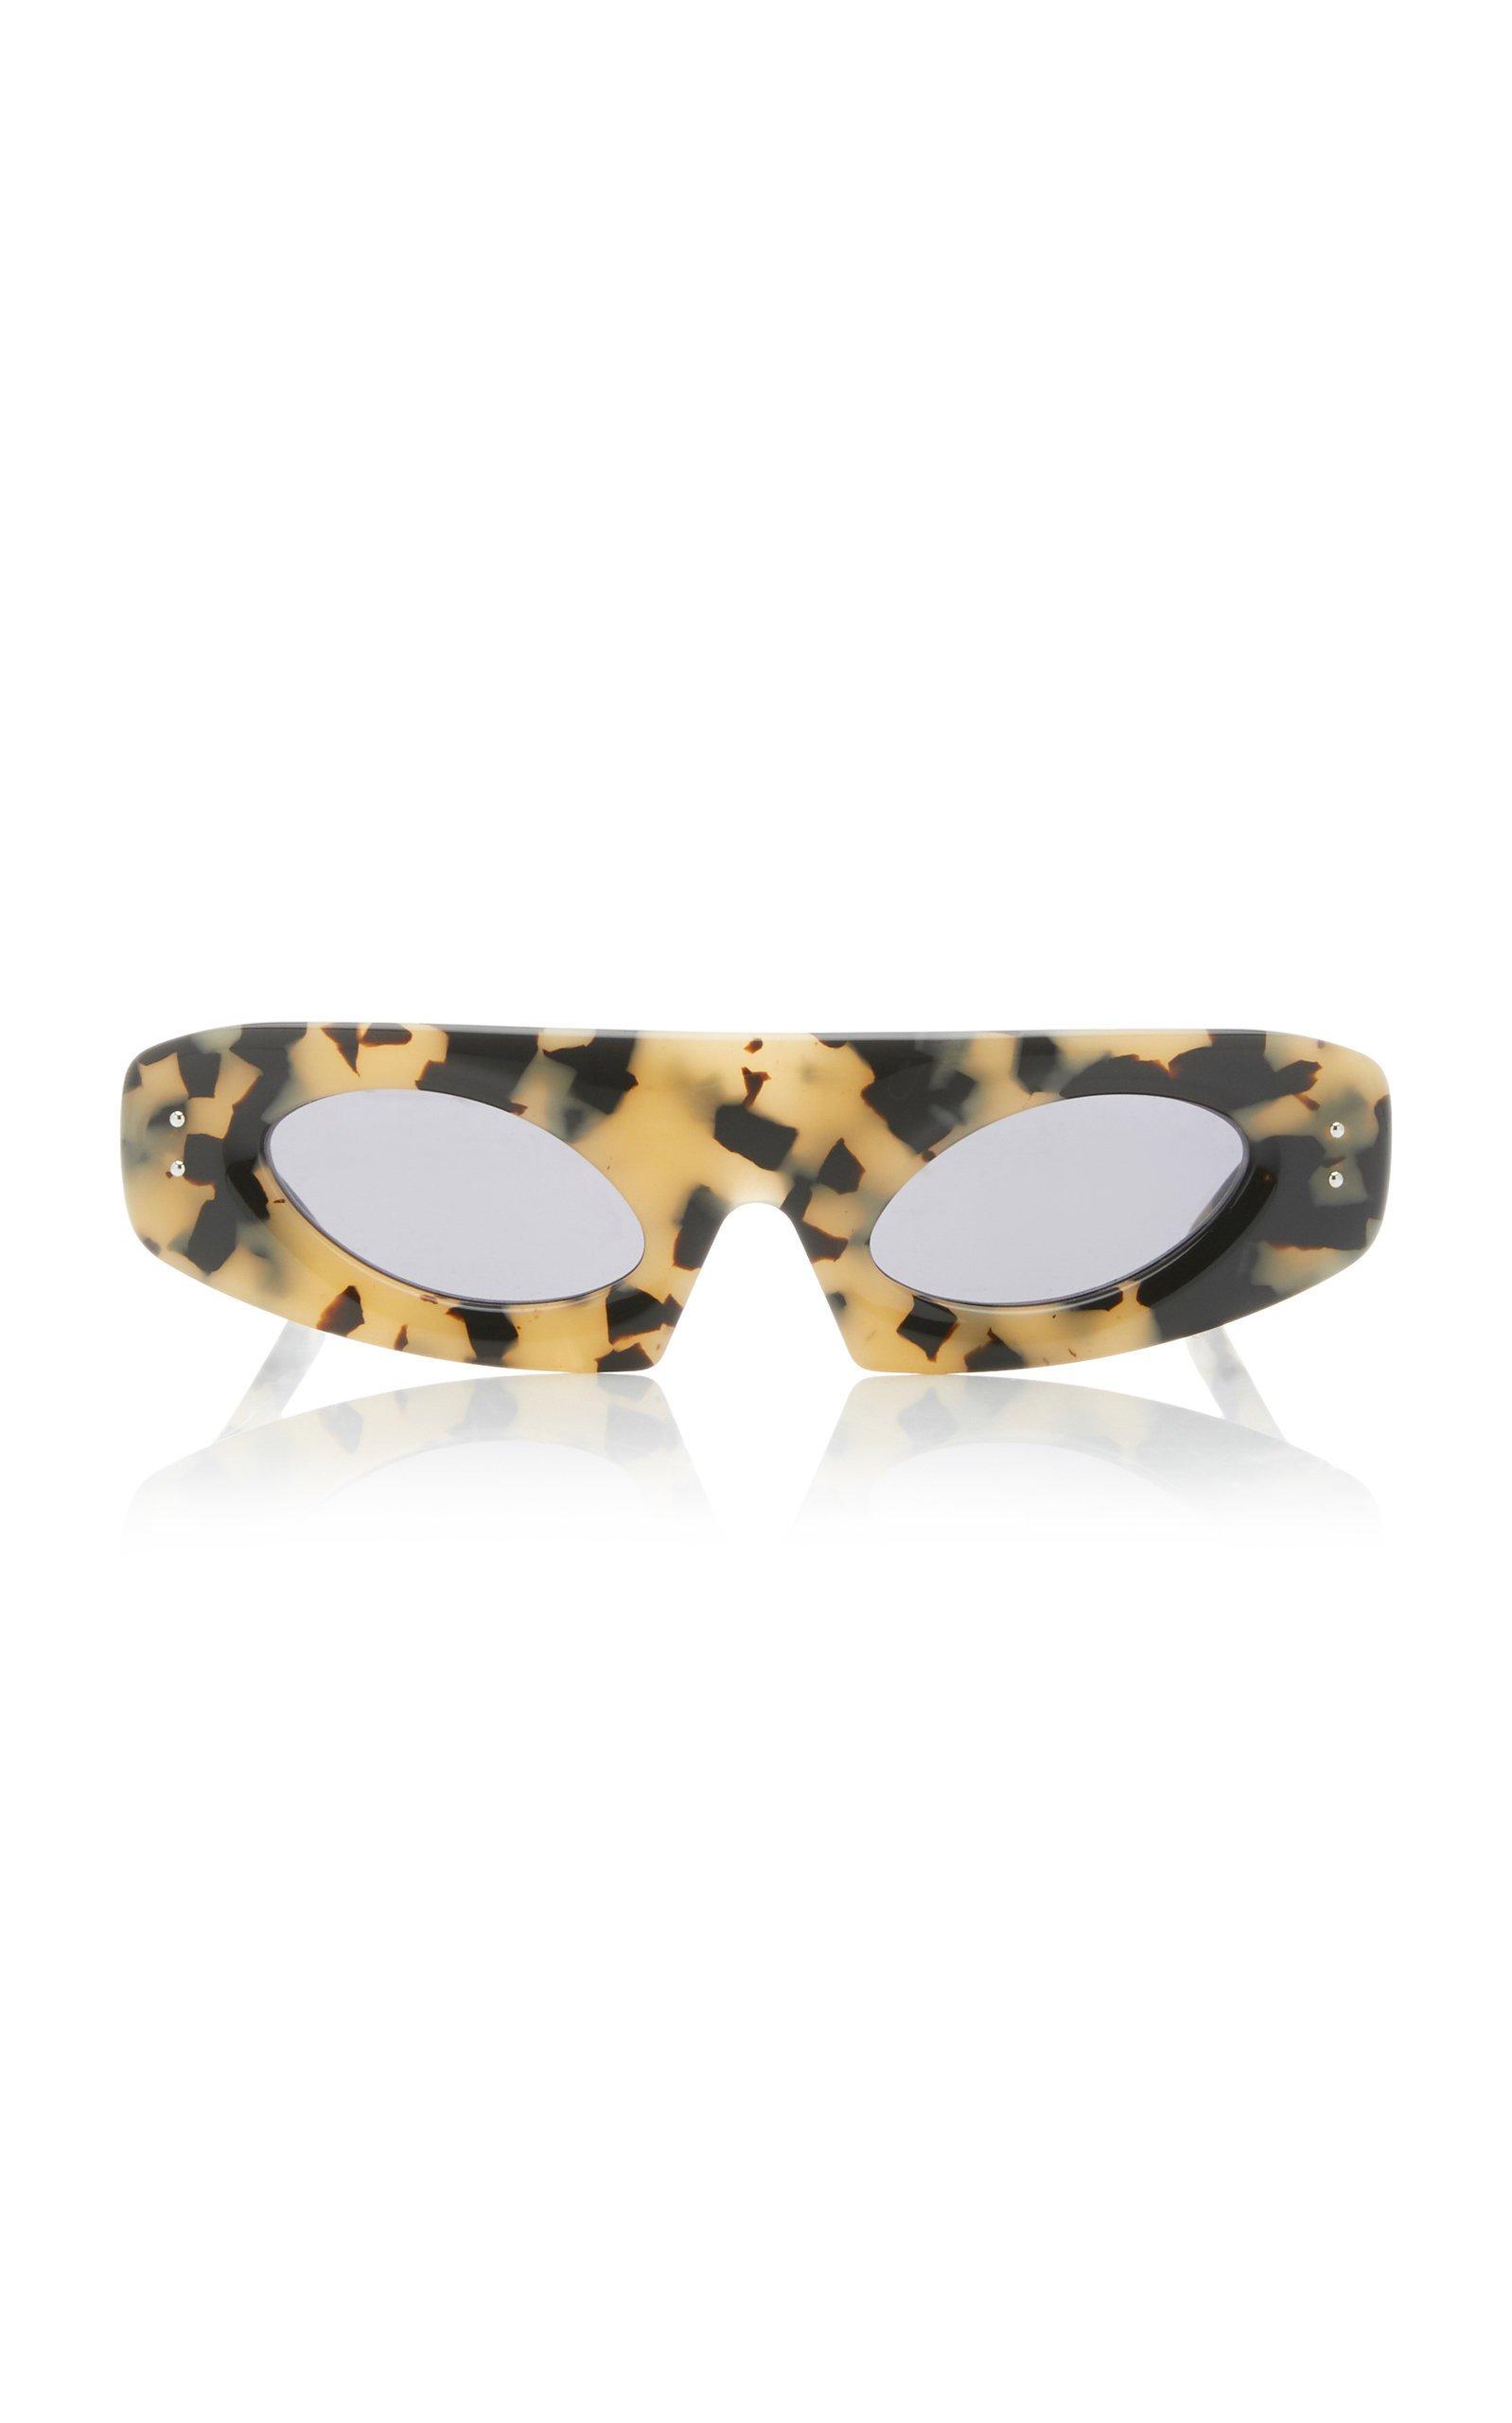 Proenza Schouler Acetate Square-Frame Sunglasses